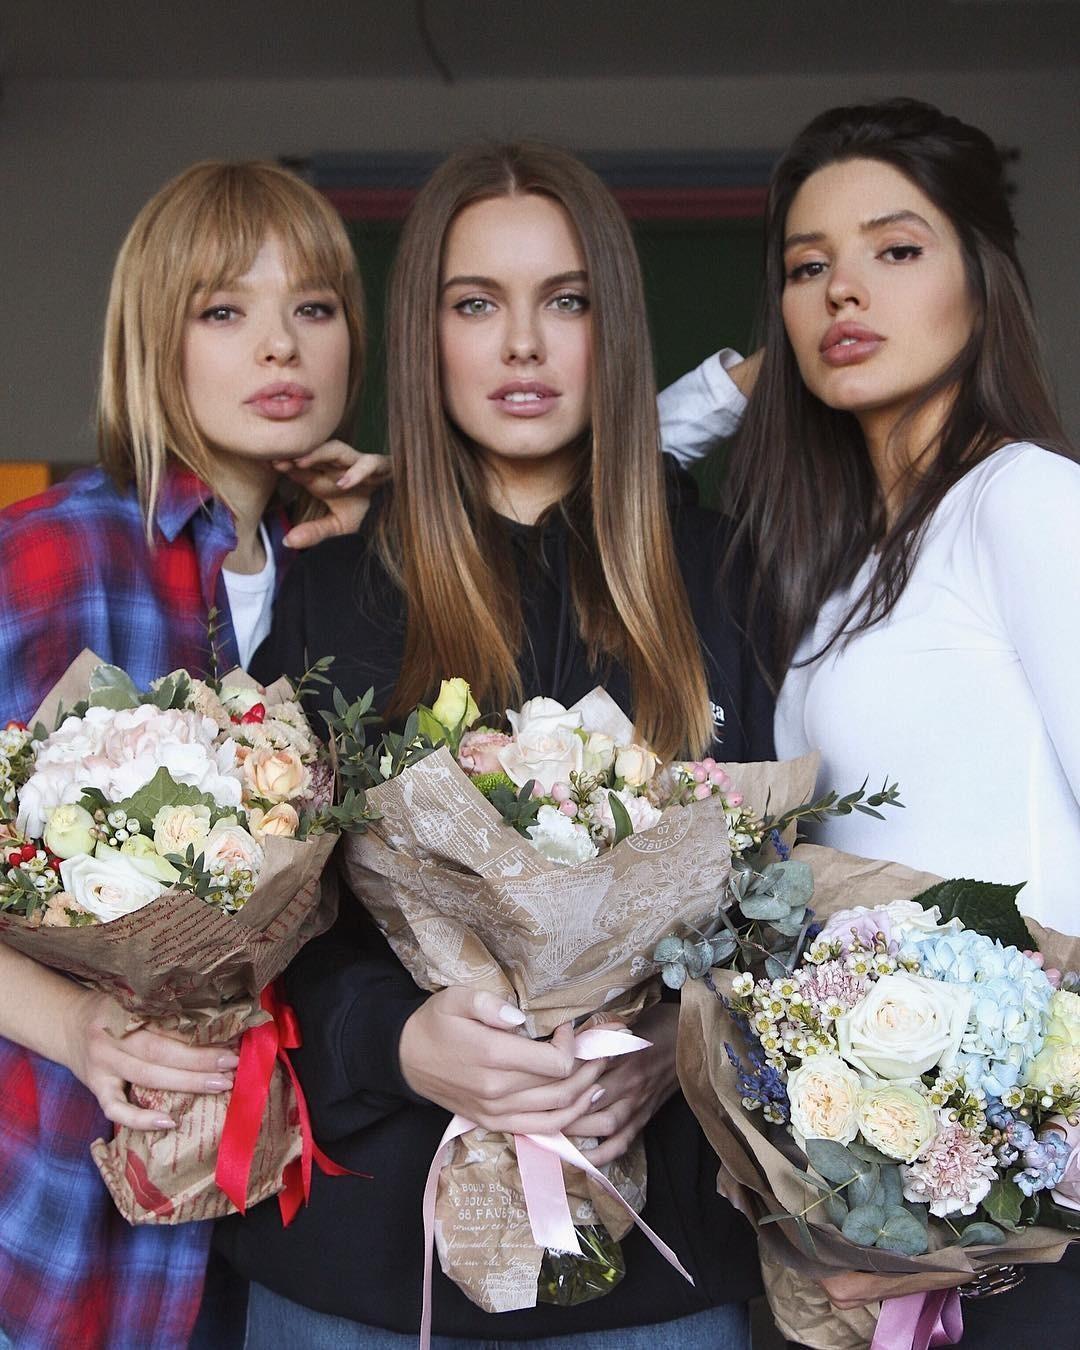 Инстазвезды, закоторыми следят миллионы подписчиков, идеально соответствуют основным ценностям бренда. Популярные it-girls также поддержали новую рекламную кампанию бренда подназванием...